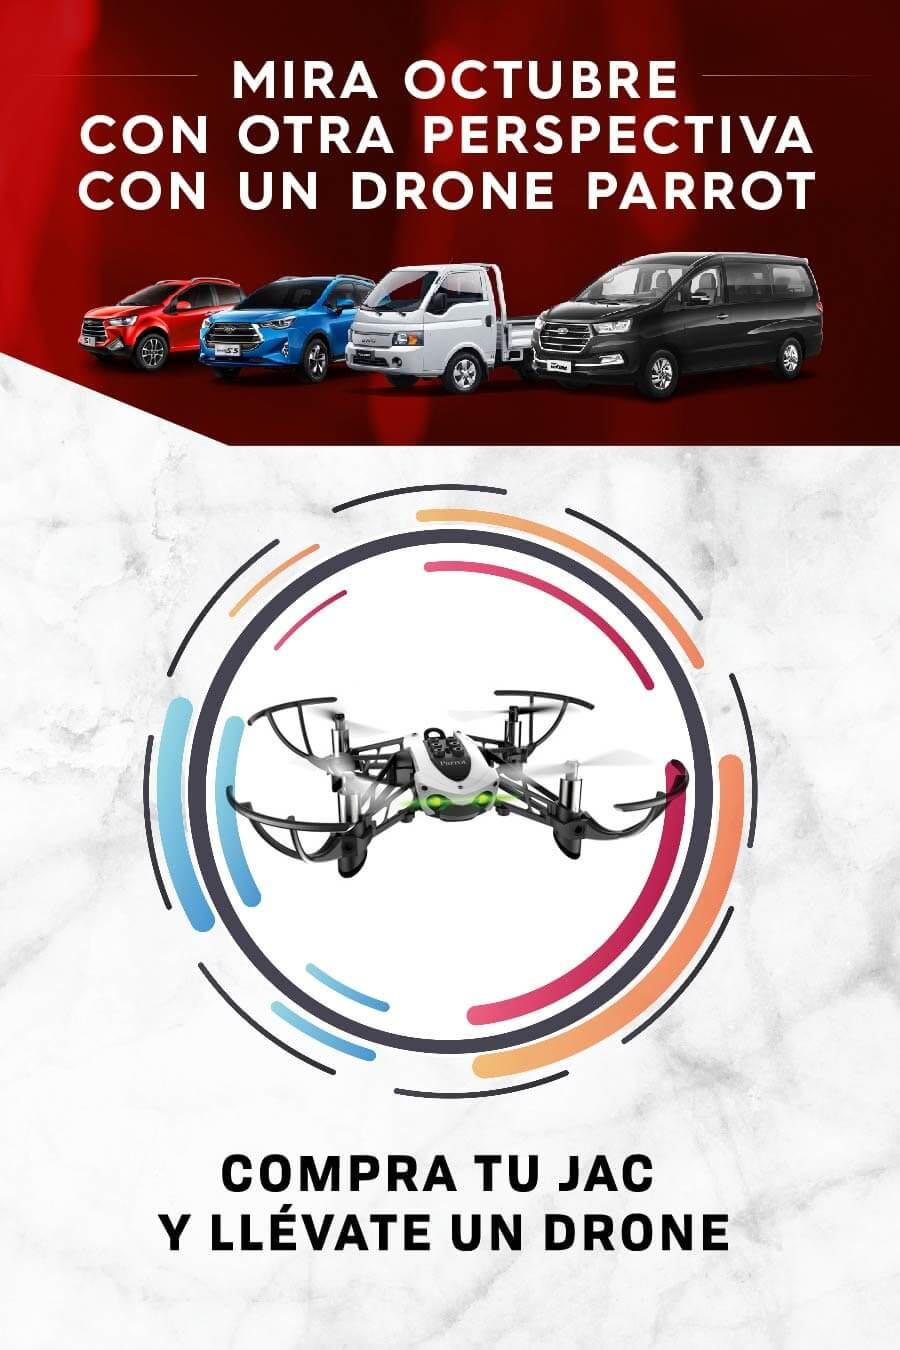 JAC - Banner Mobile Drone Octubre-min